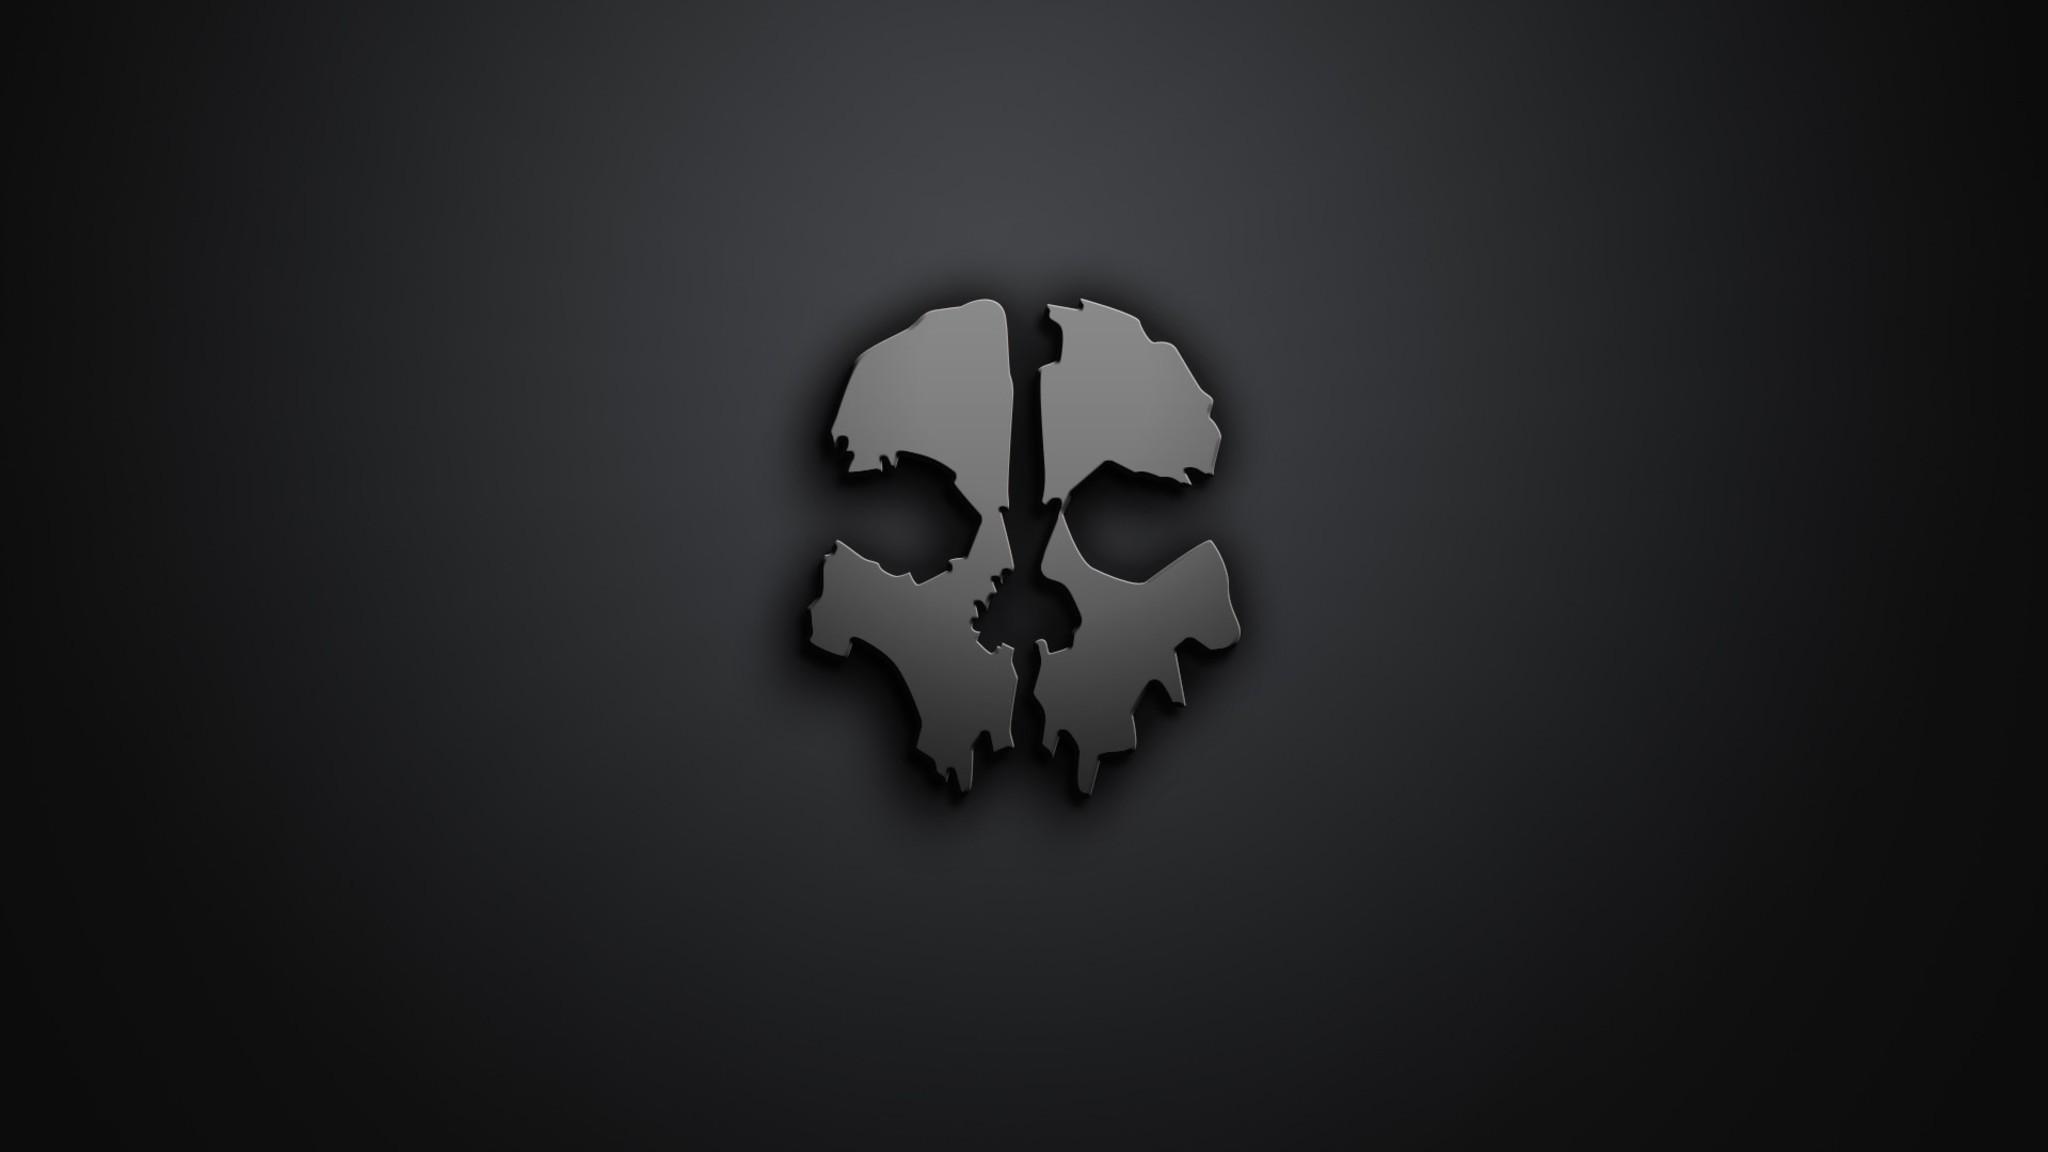 … dishonored-skull-wallpaper.jpg …